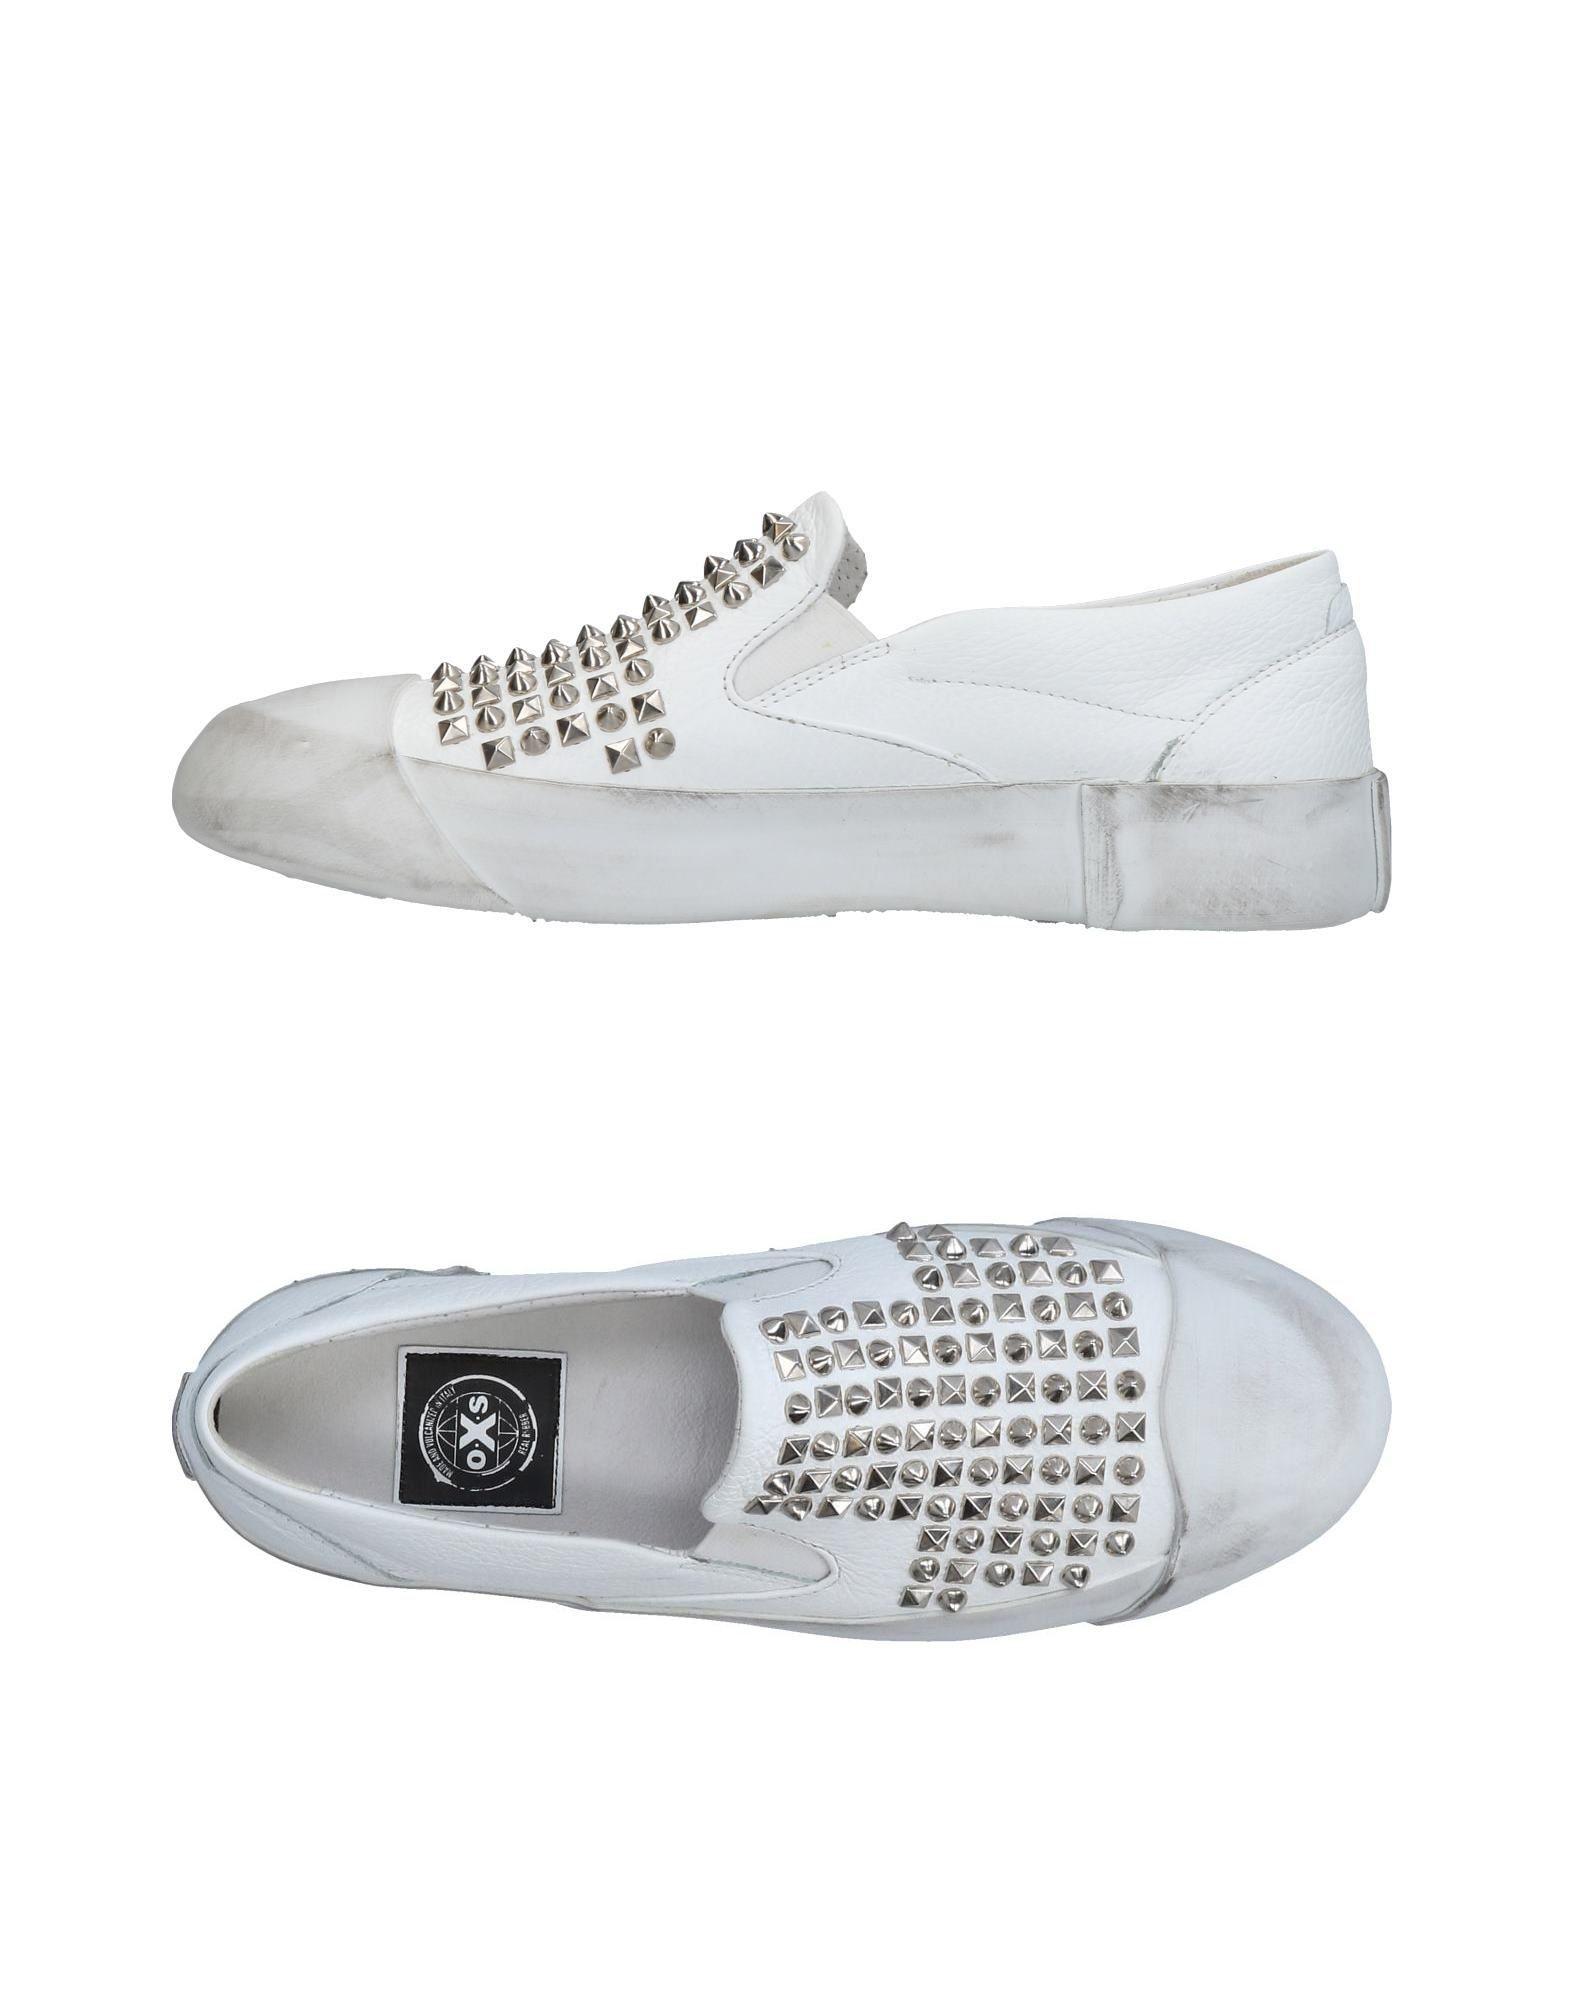 Scarpe economiche e resistenti Sneakers O.X.S. Donna - 11456548TP